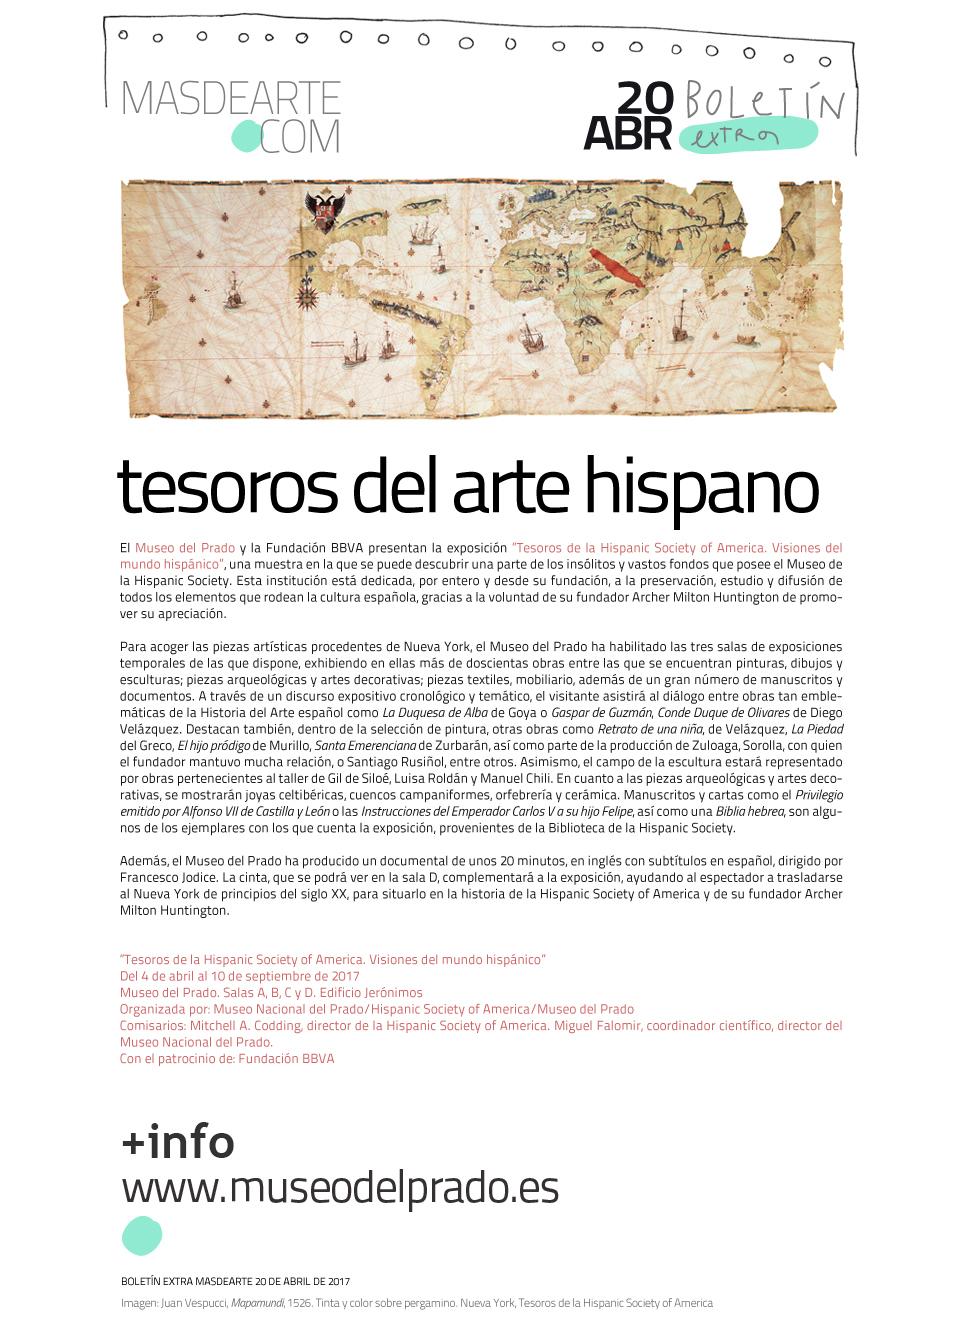 Tesoros de la Hispanic Society of America en el Museo del Prado. Hasta el 10 de septiembre de 2017